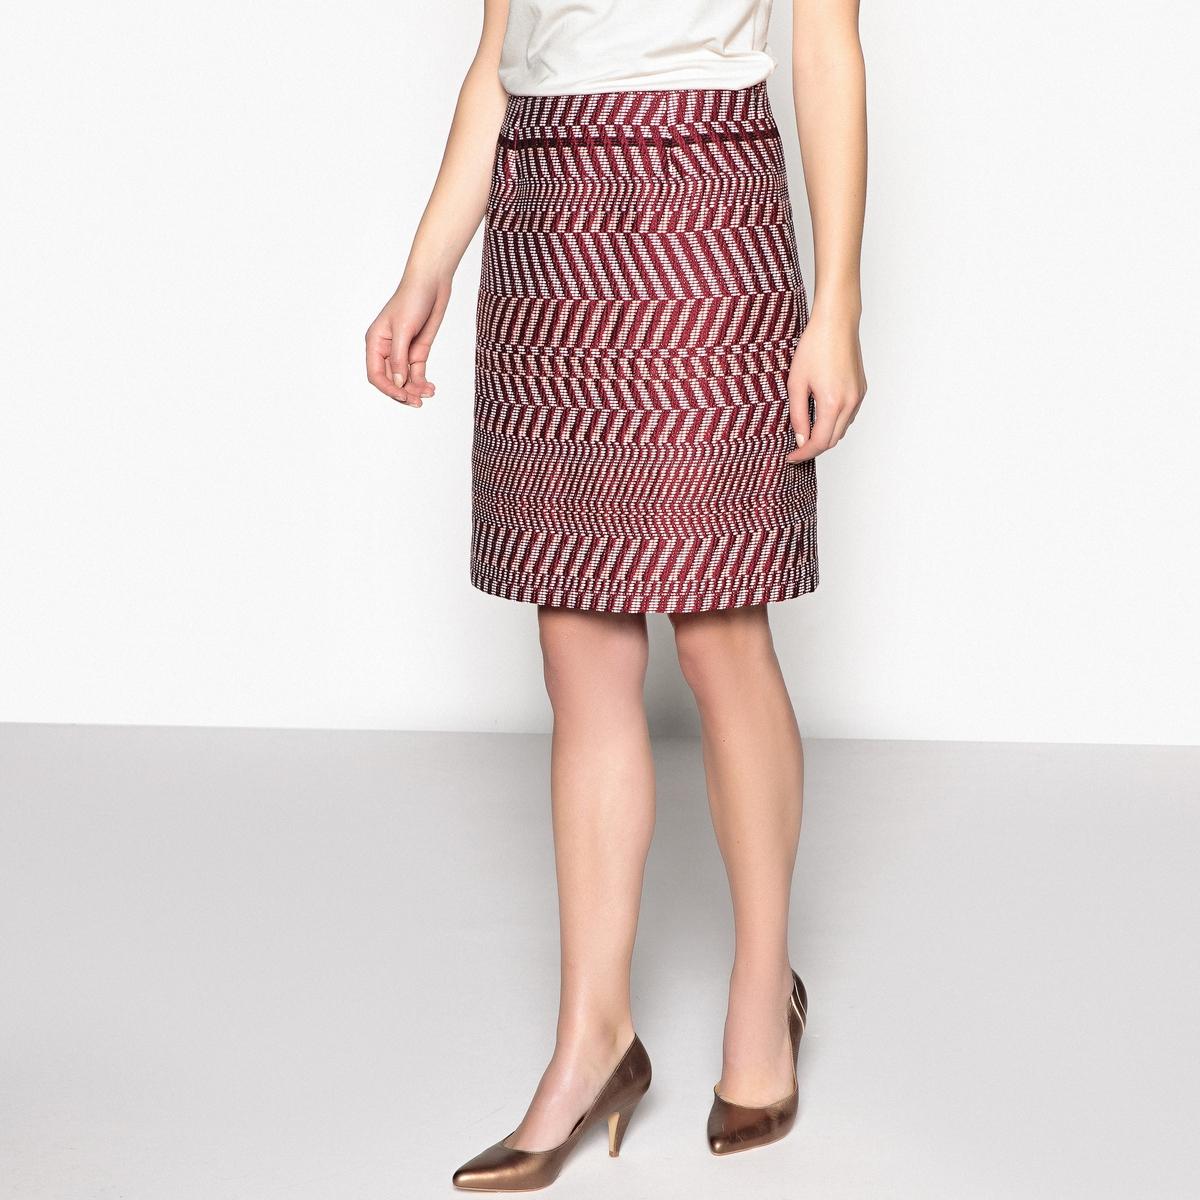 Юбка-трапеция из жаккардовой тканиОписание:Короткая юбка из красивой жаккардовой ткани, слегка в форме трапеции. Обязательный предмет вашего гардероба.Детали •  Форма : расклешенная •  Укороченная модель  •  Жаккардовый рисунокСостав и уход •  77% хлопка, 23% полиэстера •  Подкладка : 100% полиэстер •  Температура стирки 30° на деликатном режиме   •  Сухая чистка и отбеливатели запрещены •  Не использовать барабанную сушку •  Низкая температура глажки •  Юбка с застежкой на скрытую молнию и пуговицу с петлей сбоку •  Длина  : 50 см<br><br>Цвет: Жаккардовый бордовый<br>Размер: 38 (FR) - 44 (RUS).52 (FR) - 58 (RUS).50 (FR) - 56 (RUS).44 (FR) - 50 (RUS).42 (FR) - 48 (RUS).40 (FR) - 46 (RUS)